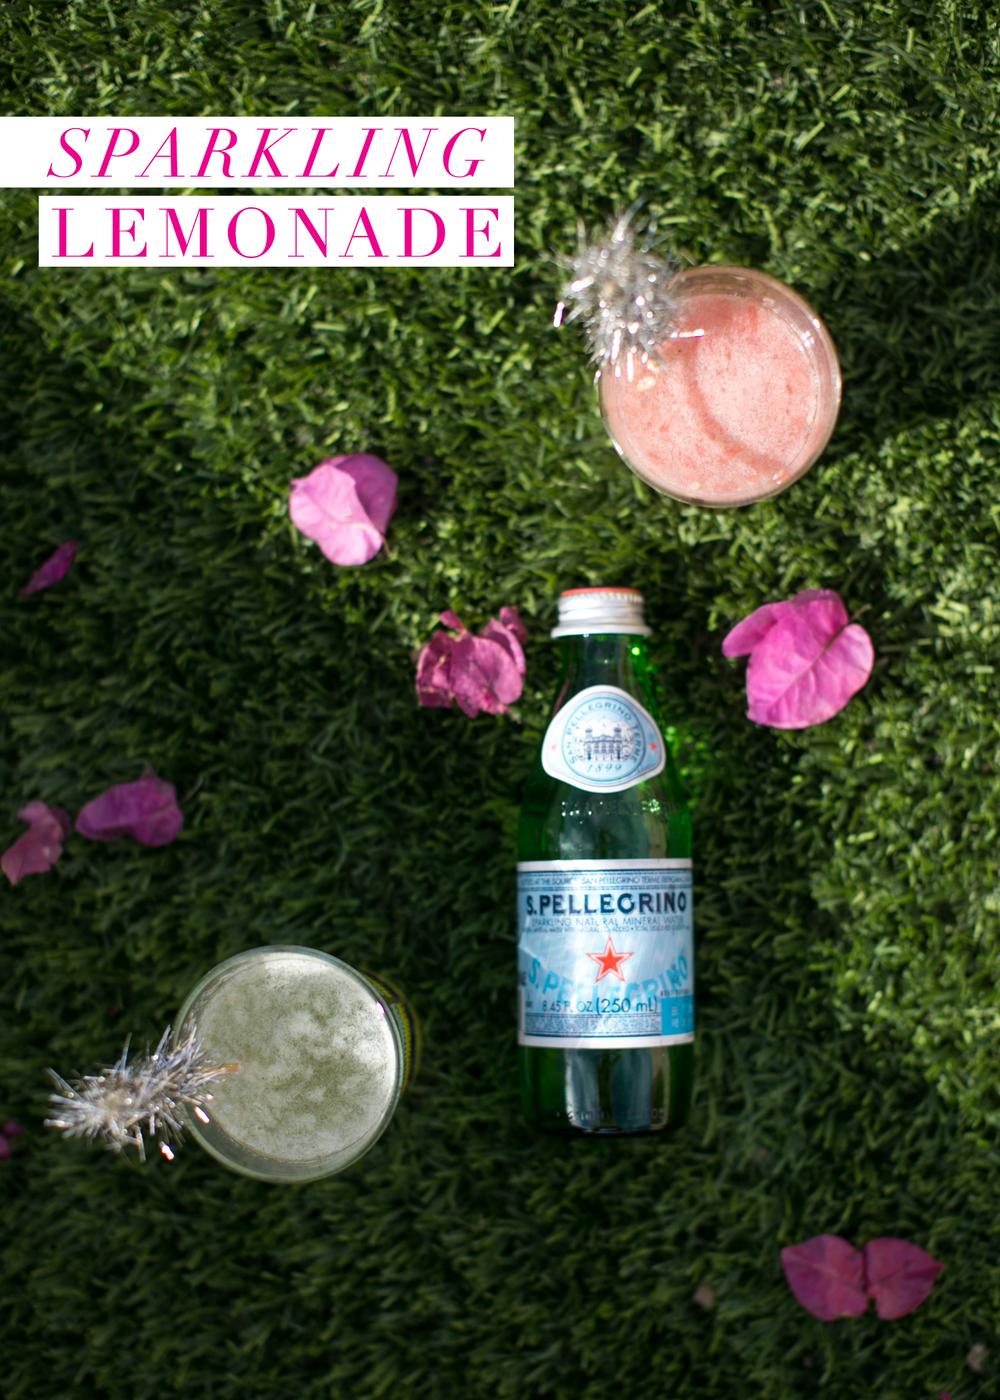 sparkling grapefruit & lemon soda / photo: lily glass for ginger & birch